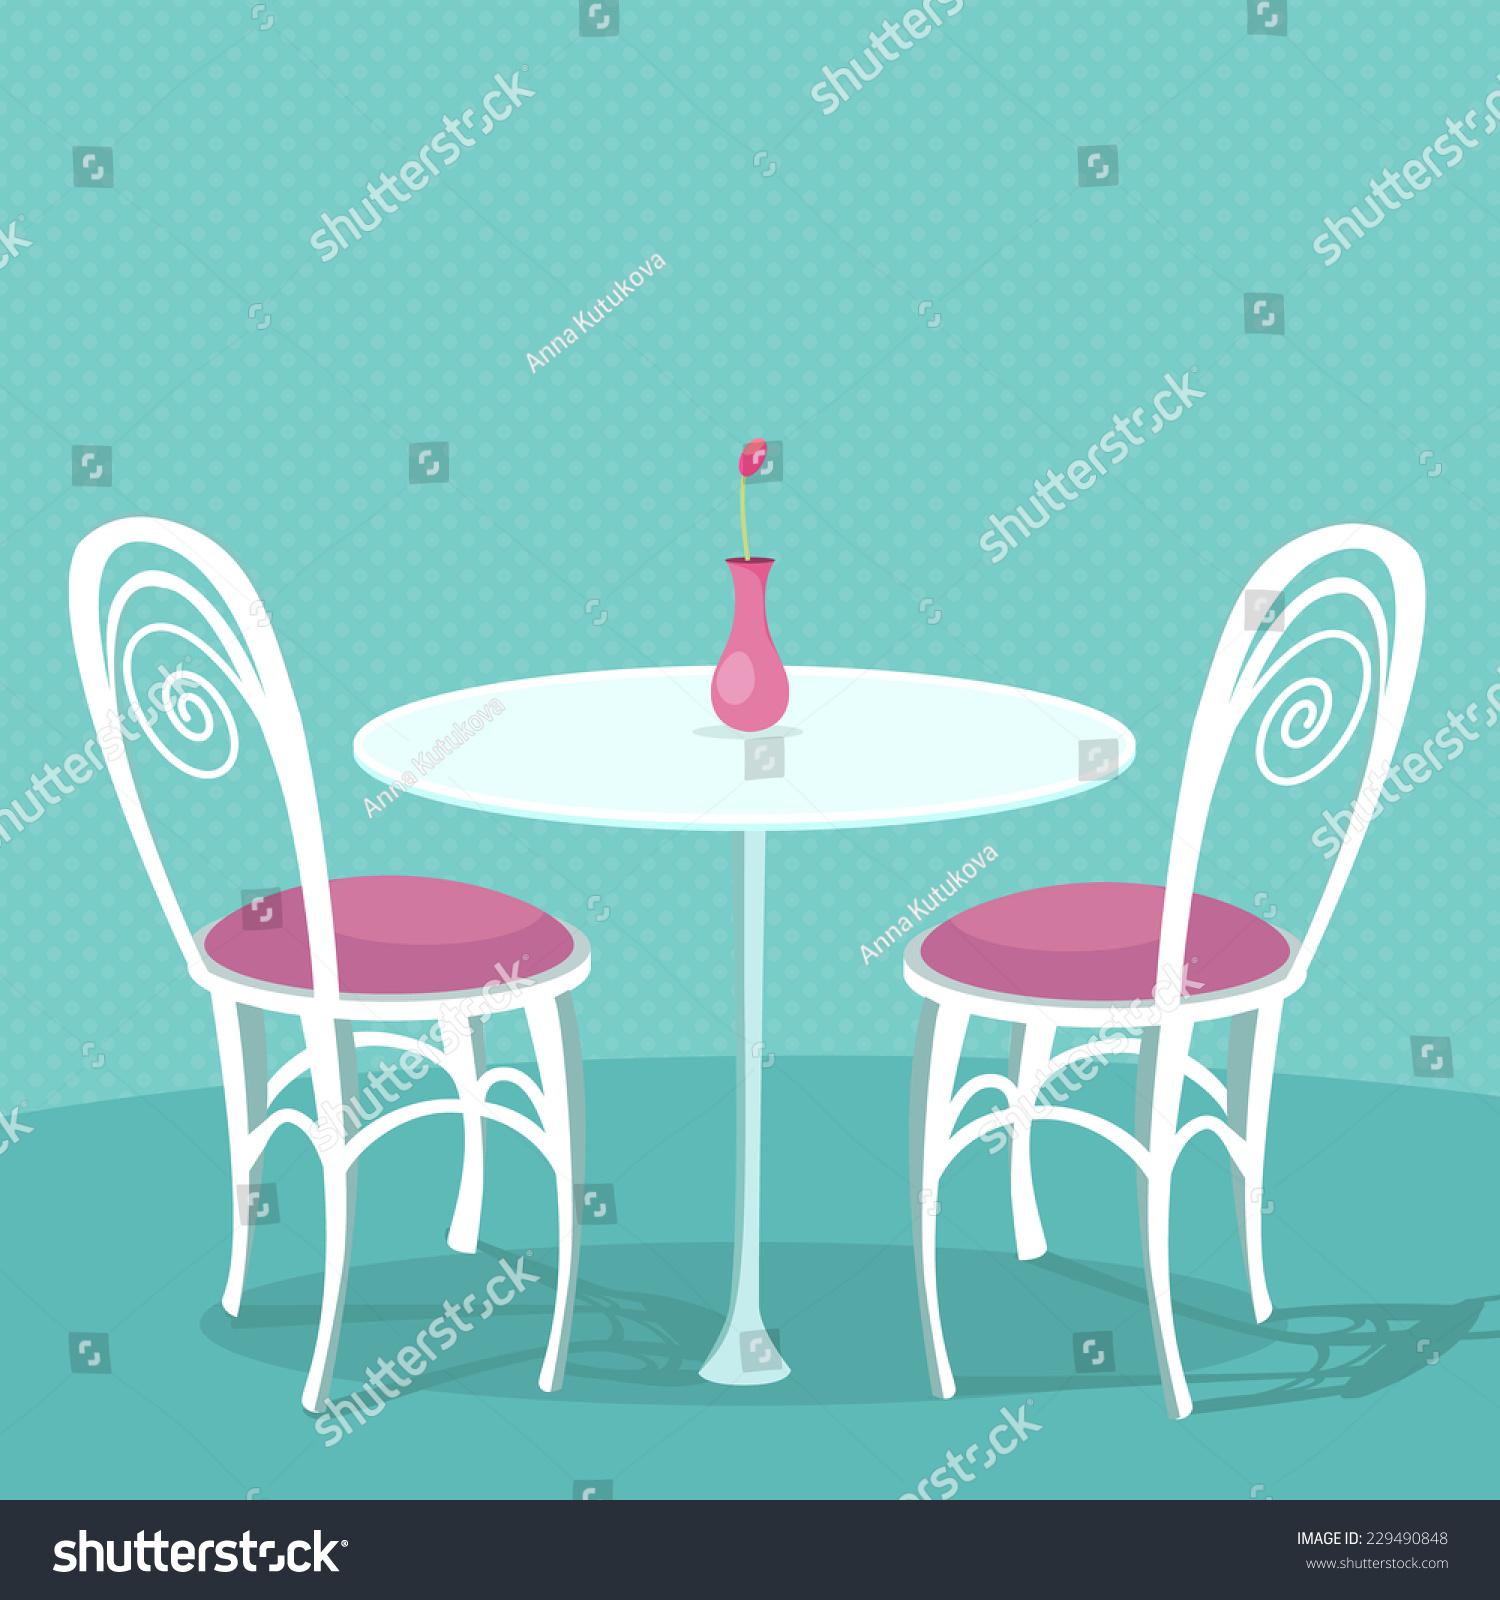 椅子与粉红色缓冲和